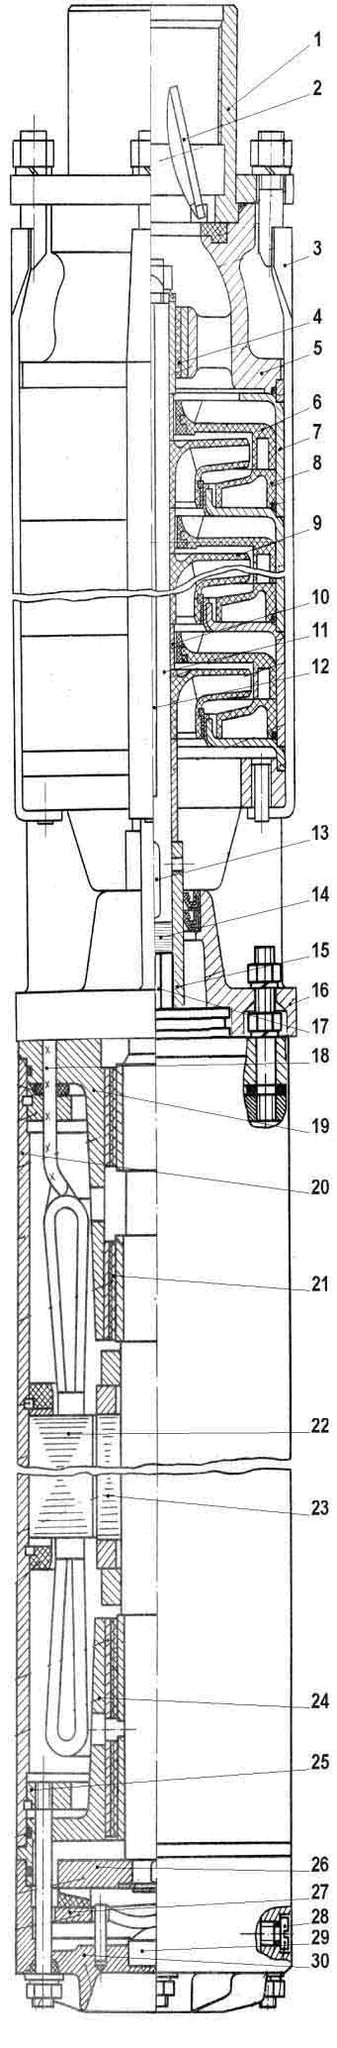 ЭЦВ 8-63-90 нрк